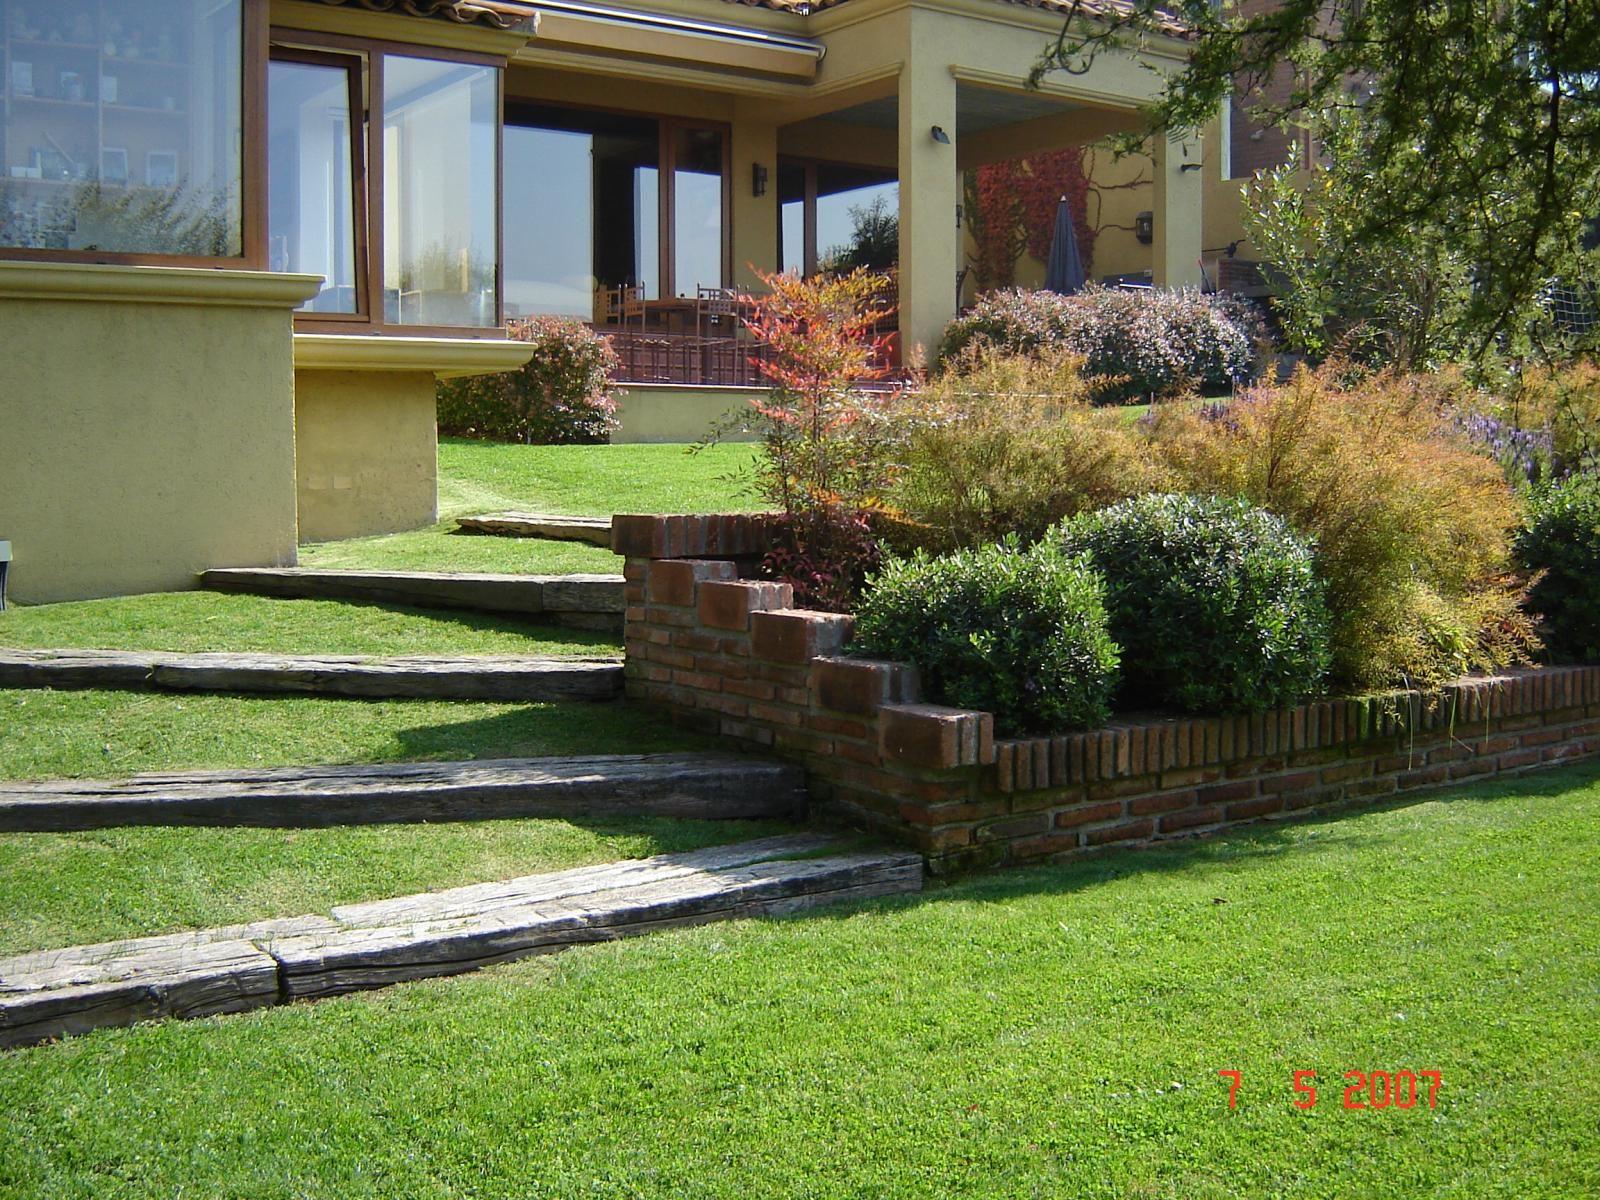 Taludes desniveles y escaleras en el jard n for Jardines naturales pequenos